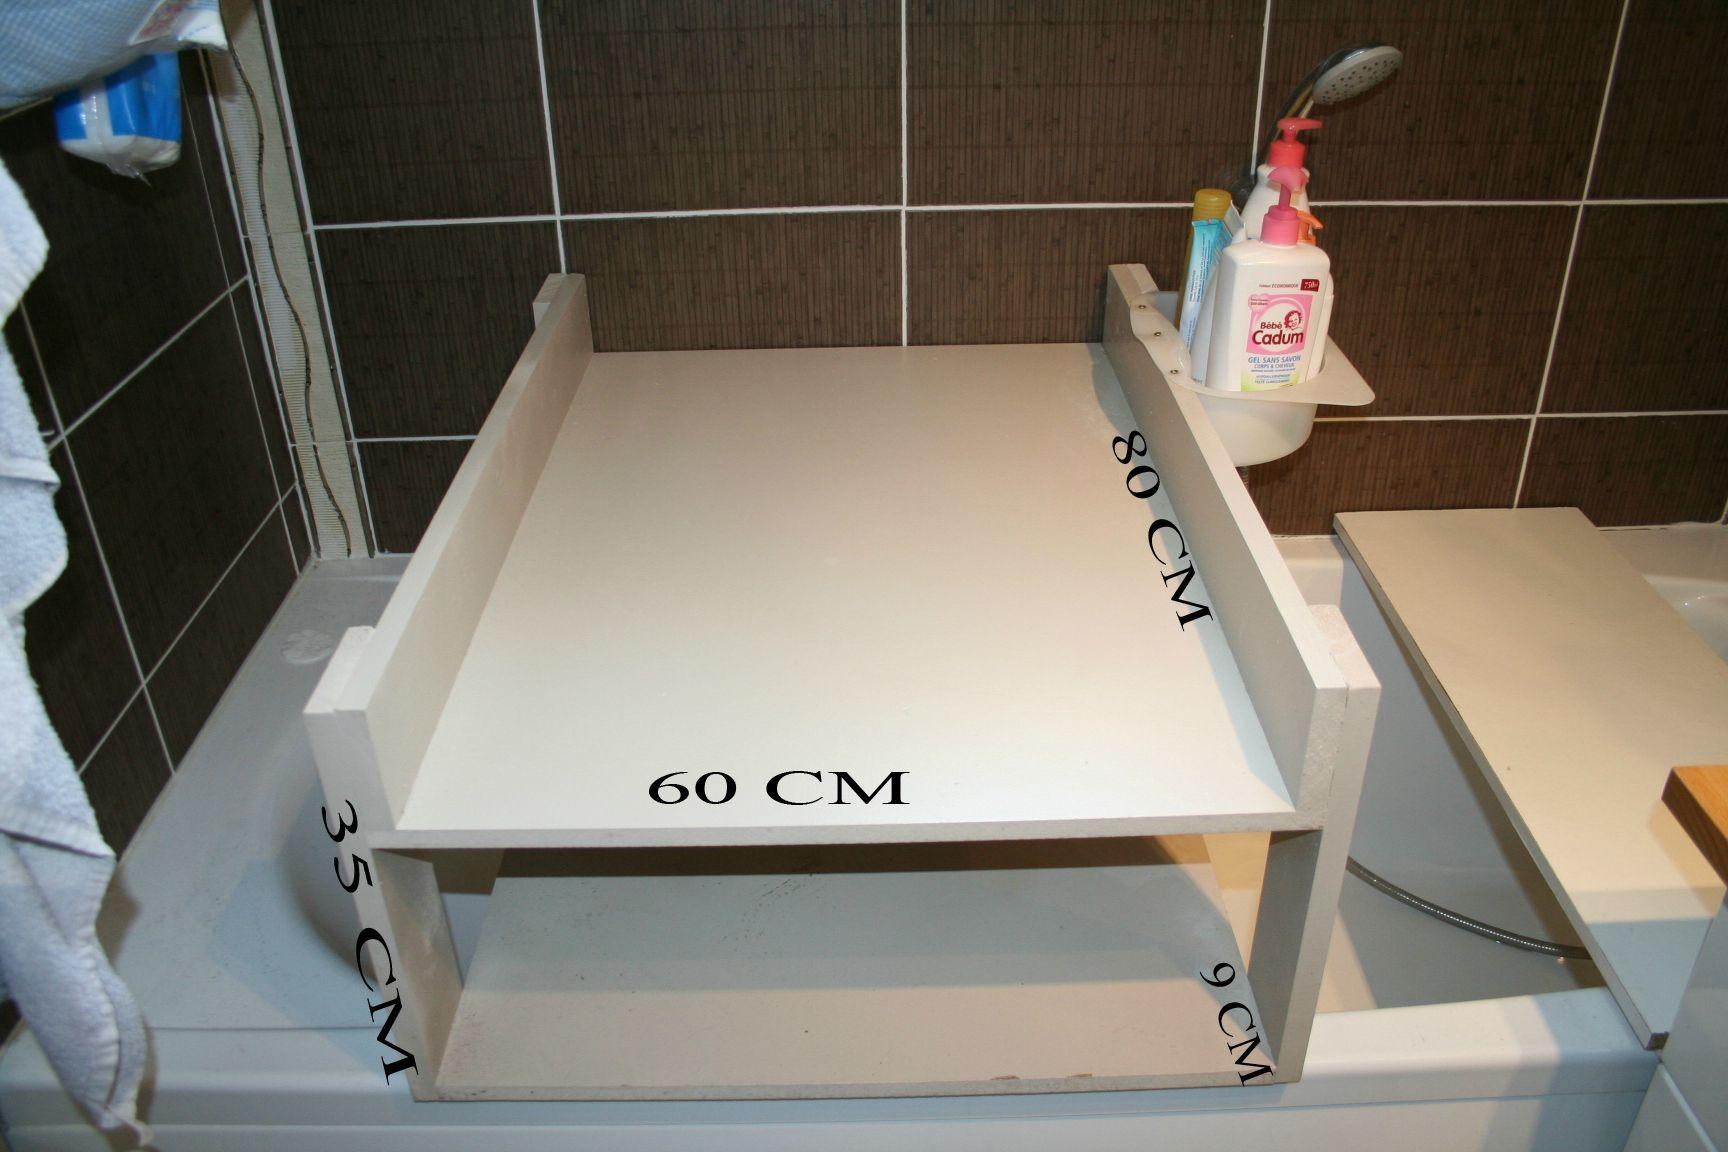 plan à langer sur baignoire